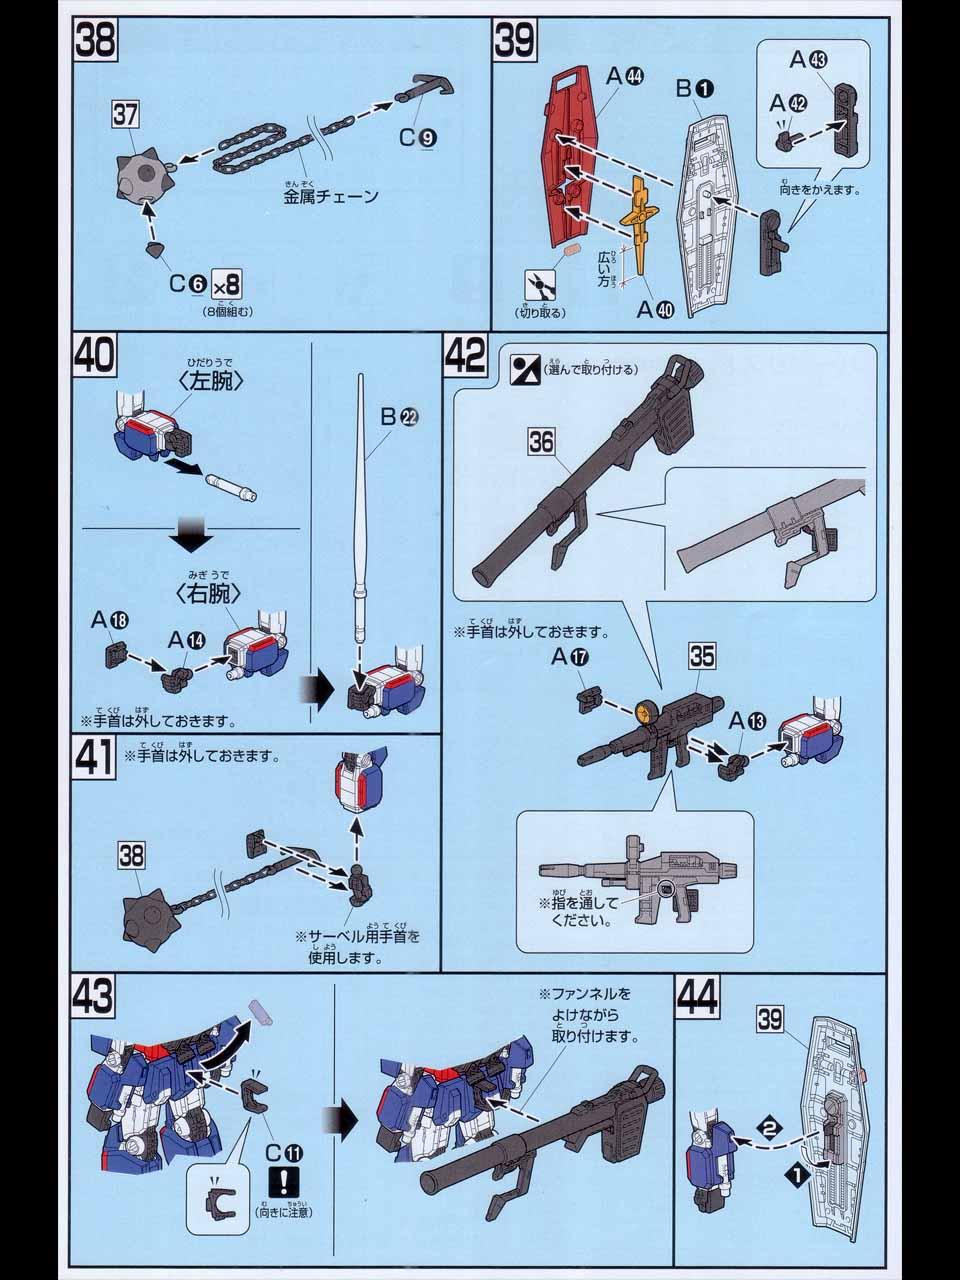 HG_Forever_Gundam_12.jpg